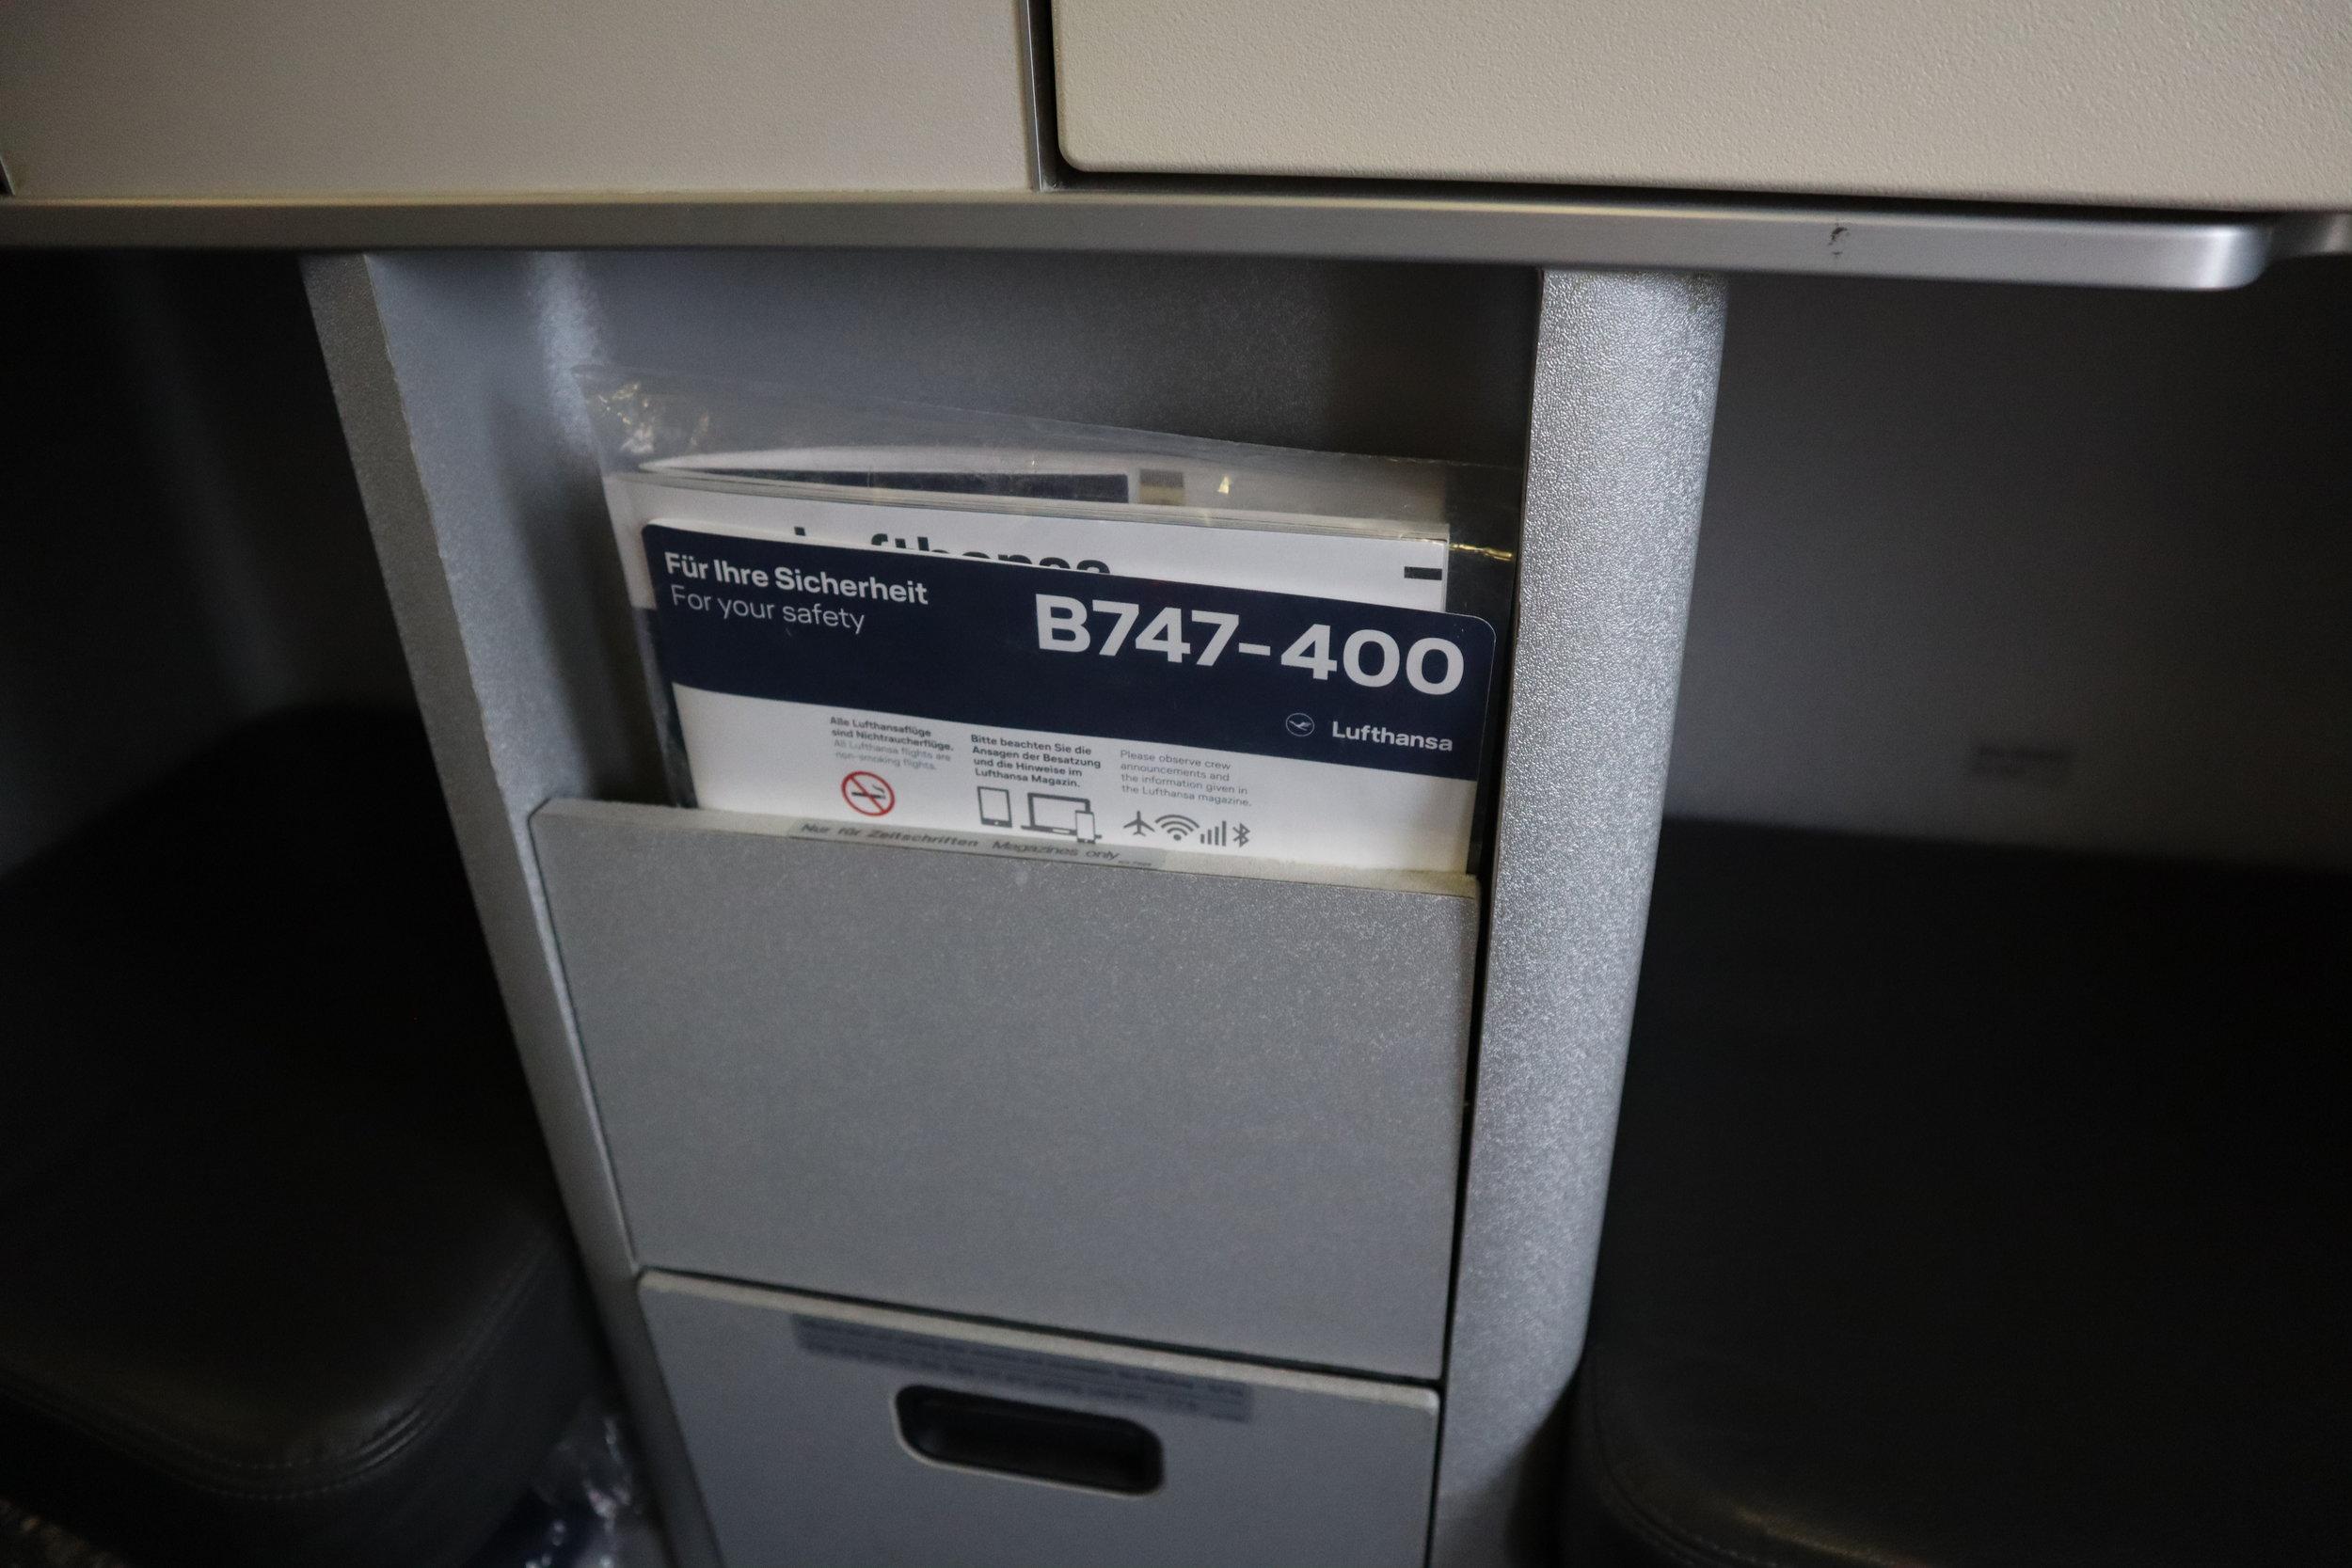 Lufthansa 747-400 business class – Literature pocket